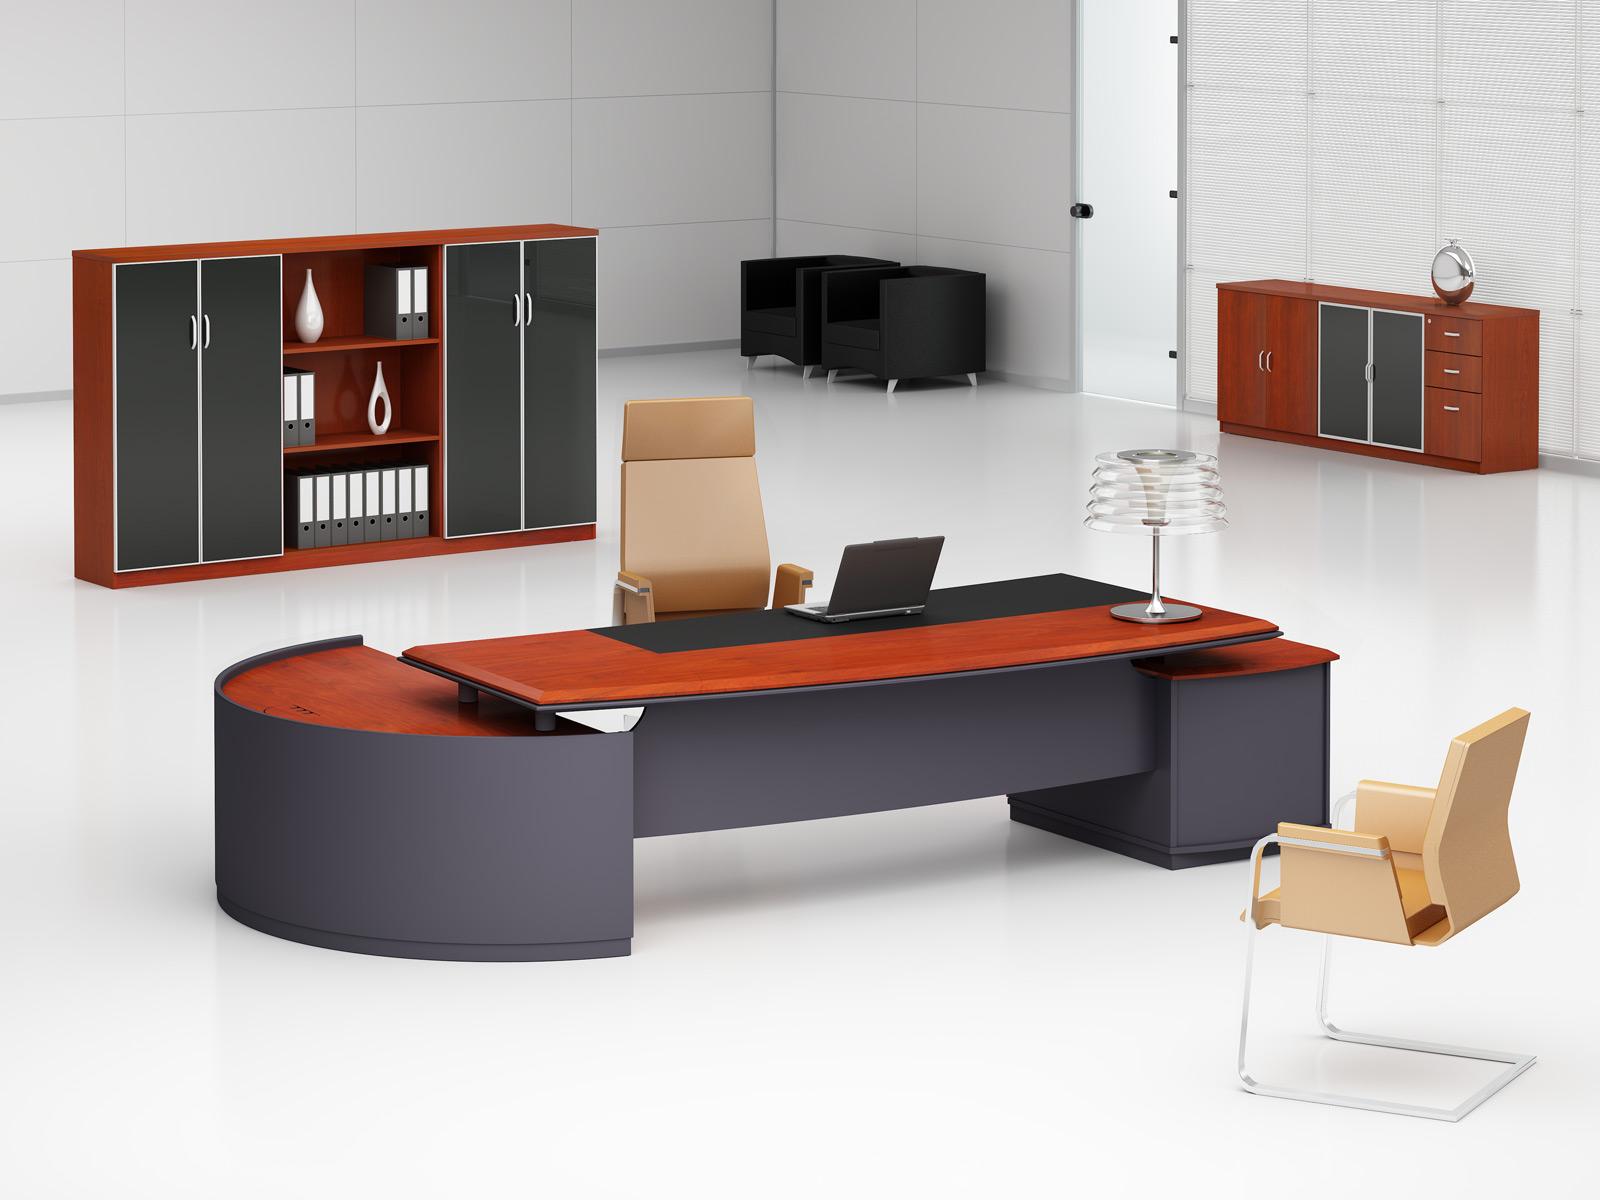 5 tipps f r eine stylische b roeinrichtung b rom bel. Black Bedroom Furniture Sets. Home Design Ideas